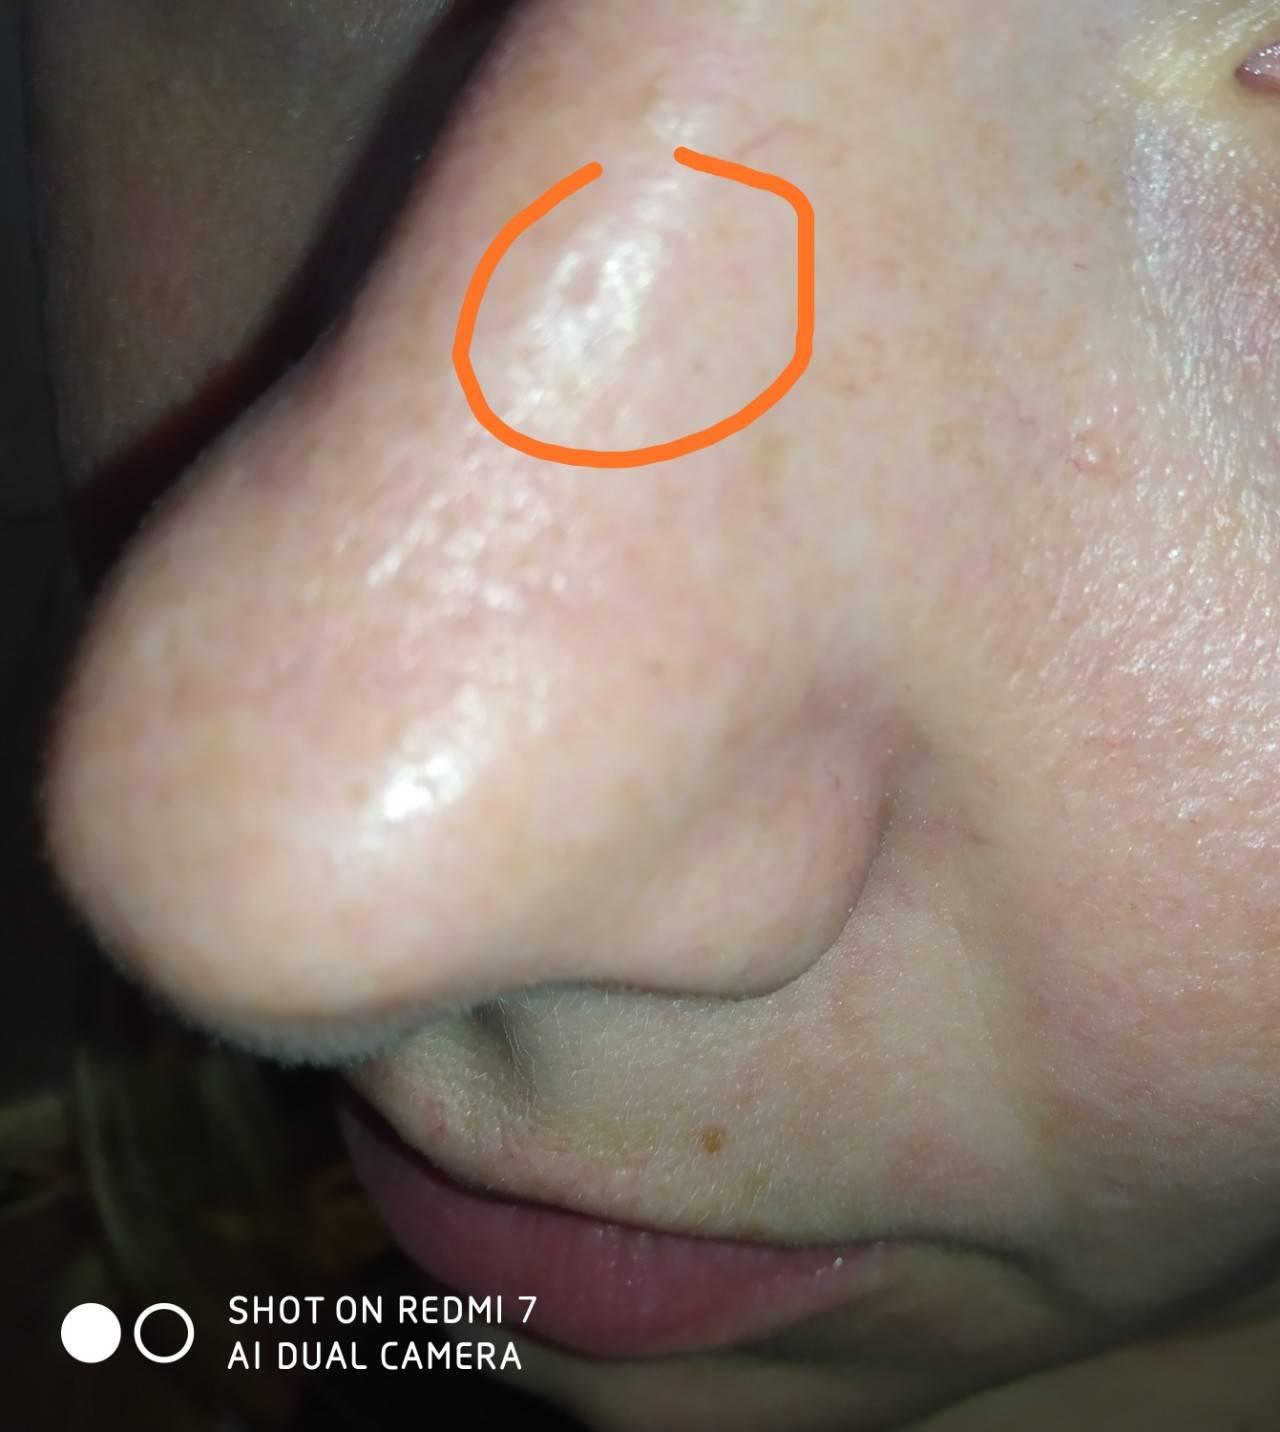 Почему болит нос внутри? причины, опасные признаки и методы лечения — симптомы